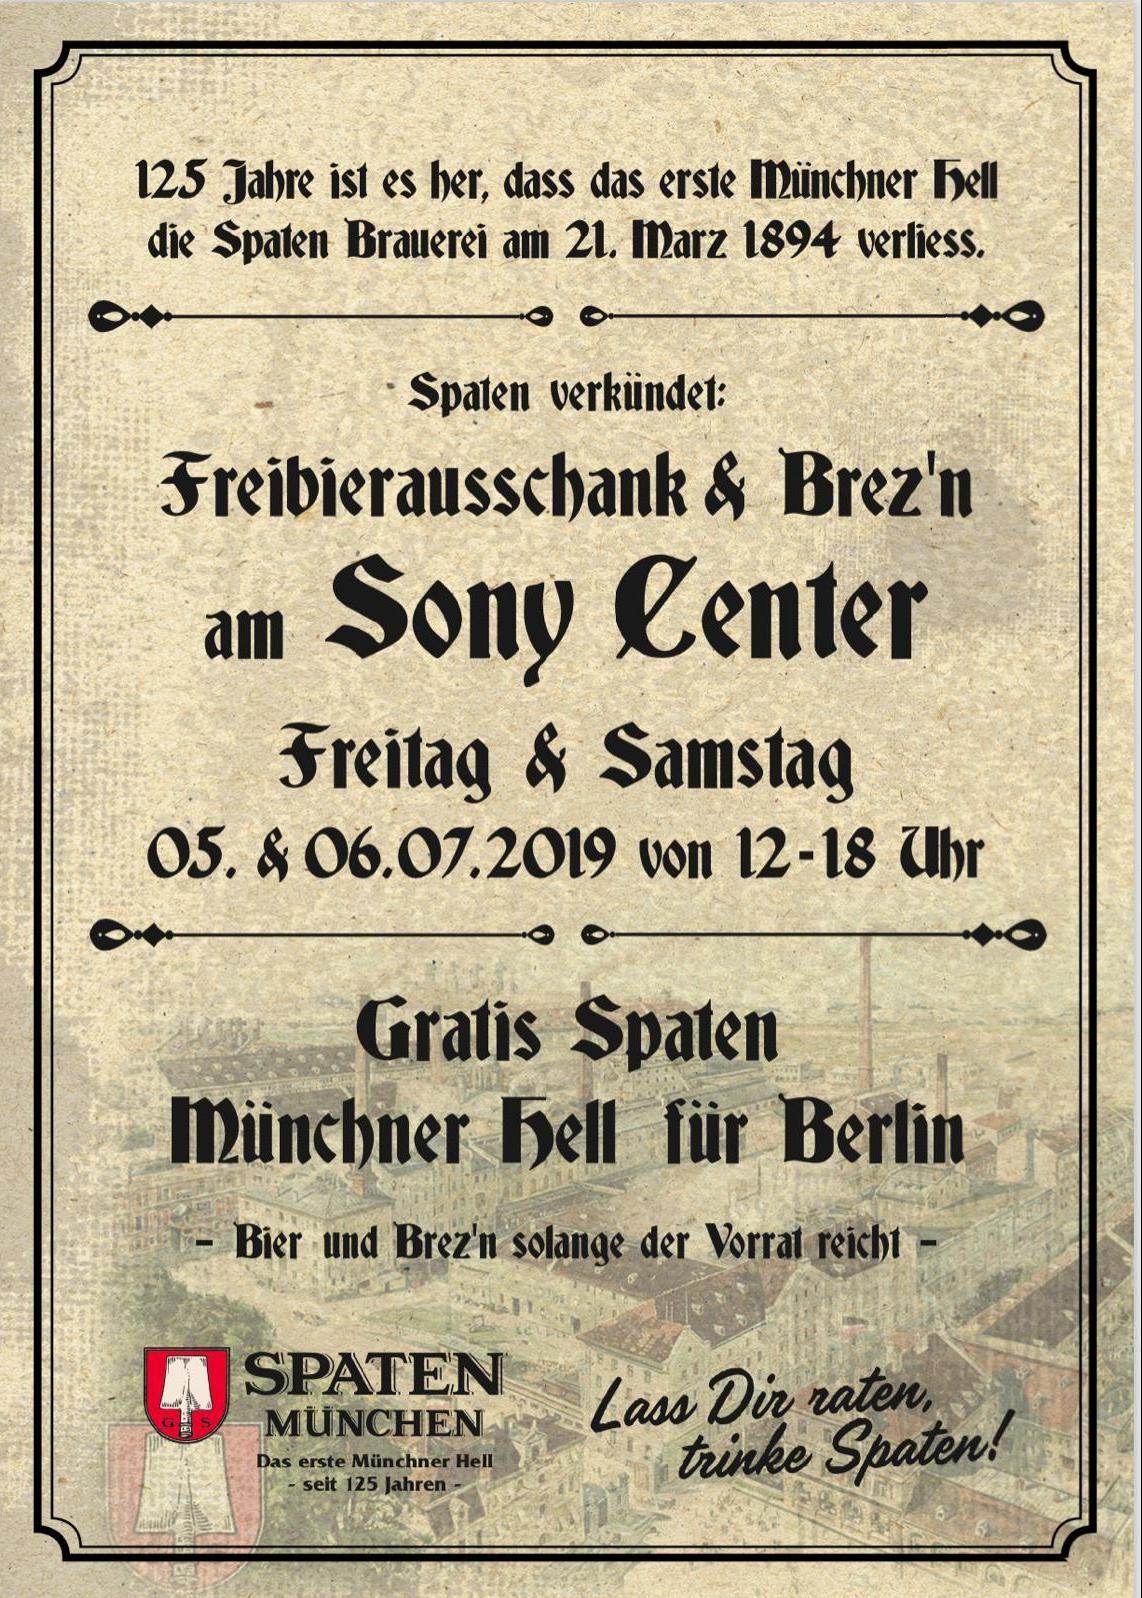 *Lokal Berlin* Spaten Münchner Helles Gratis Bier / Freibier & Brezen am 5. & 6. Juli am Sony Center